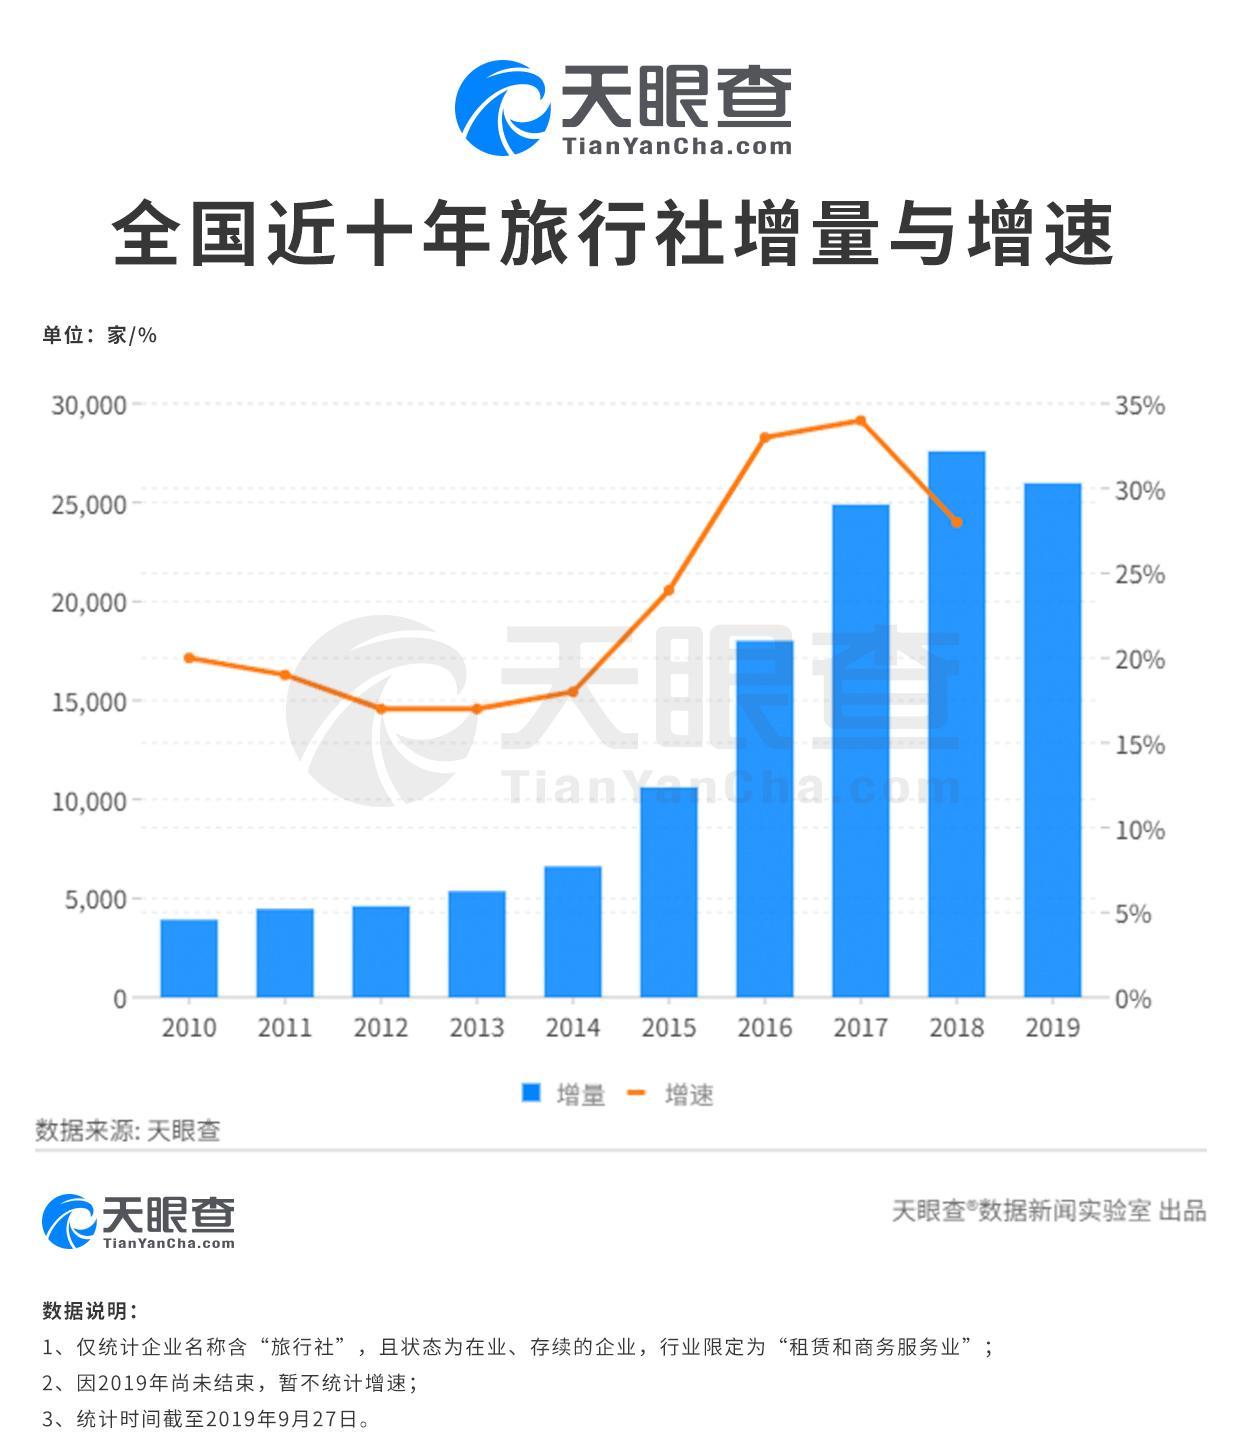 国庆国内游收入超6000亿 旅游产业发展势头良好